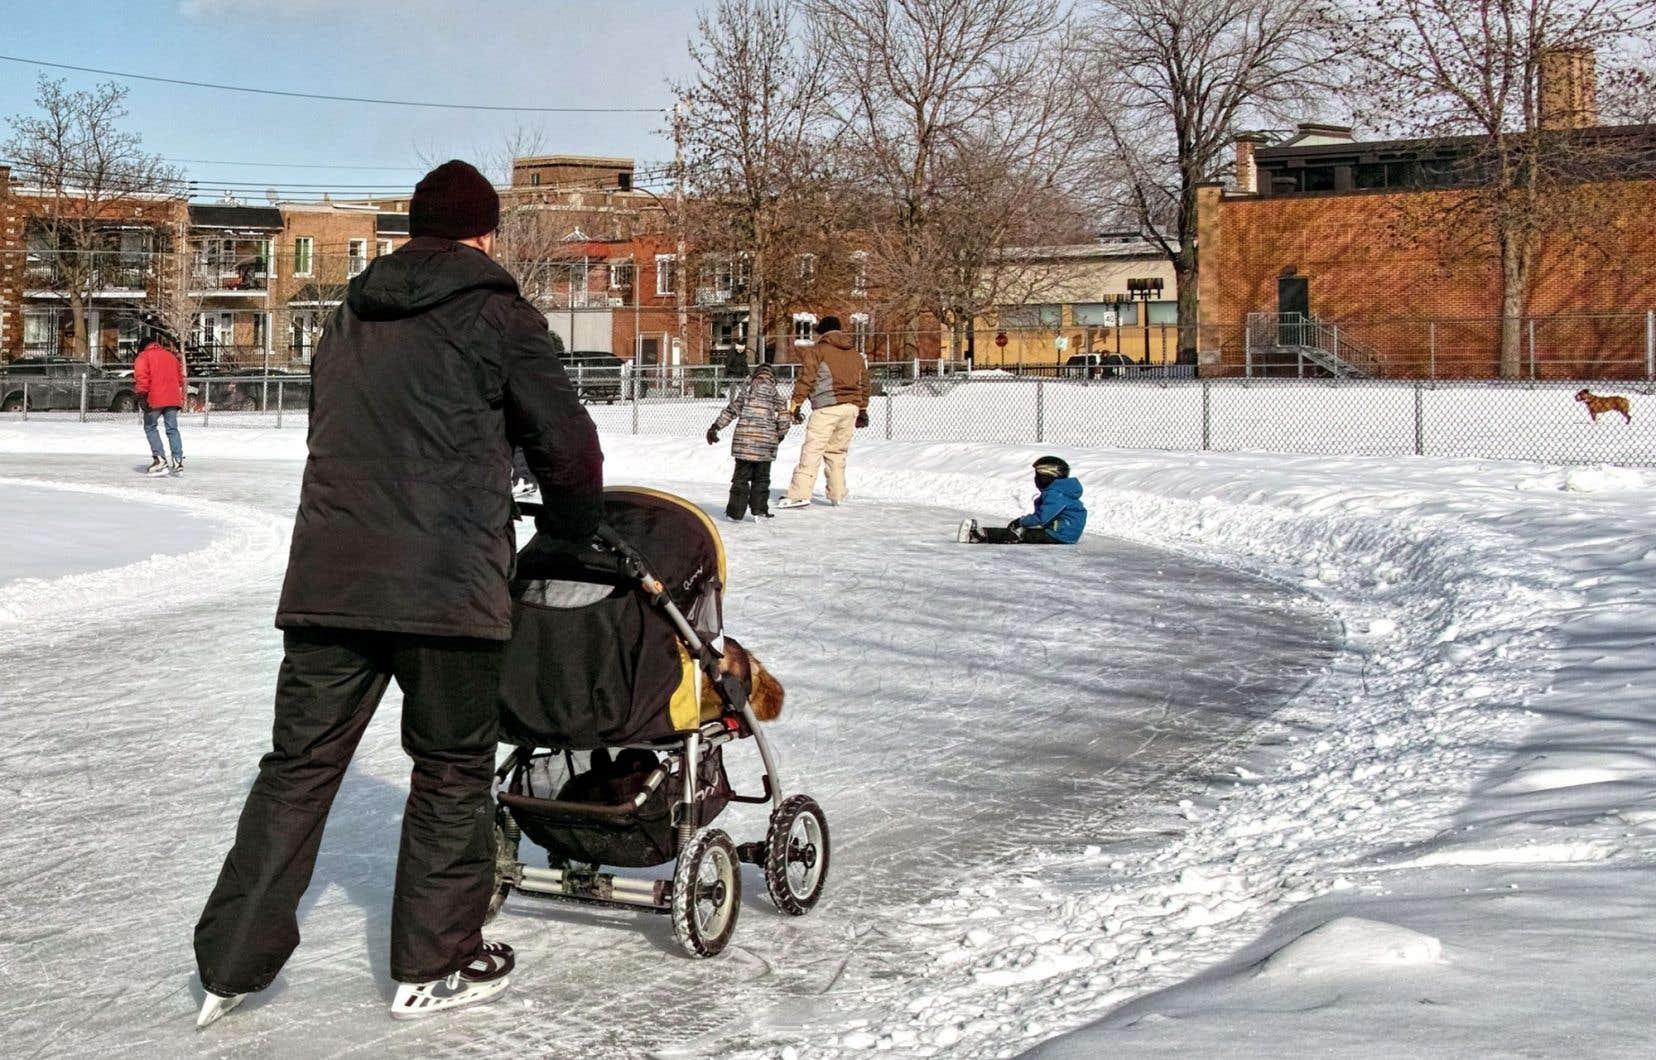 Avec de nouveaux investissements, la Ville de Montréal espère étendre la saison du patinage, mais aussi dégager du personnel afin d'améliorer l'entretien de ses nombreuses patinoires.